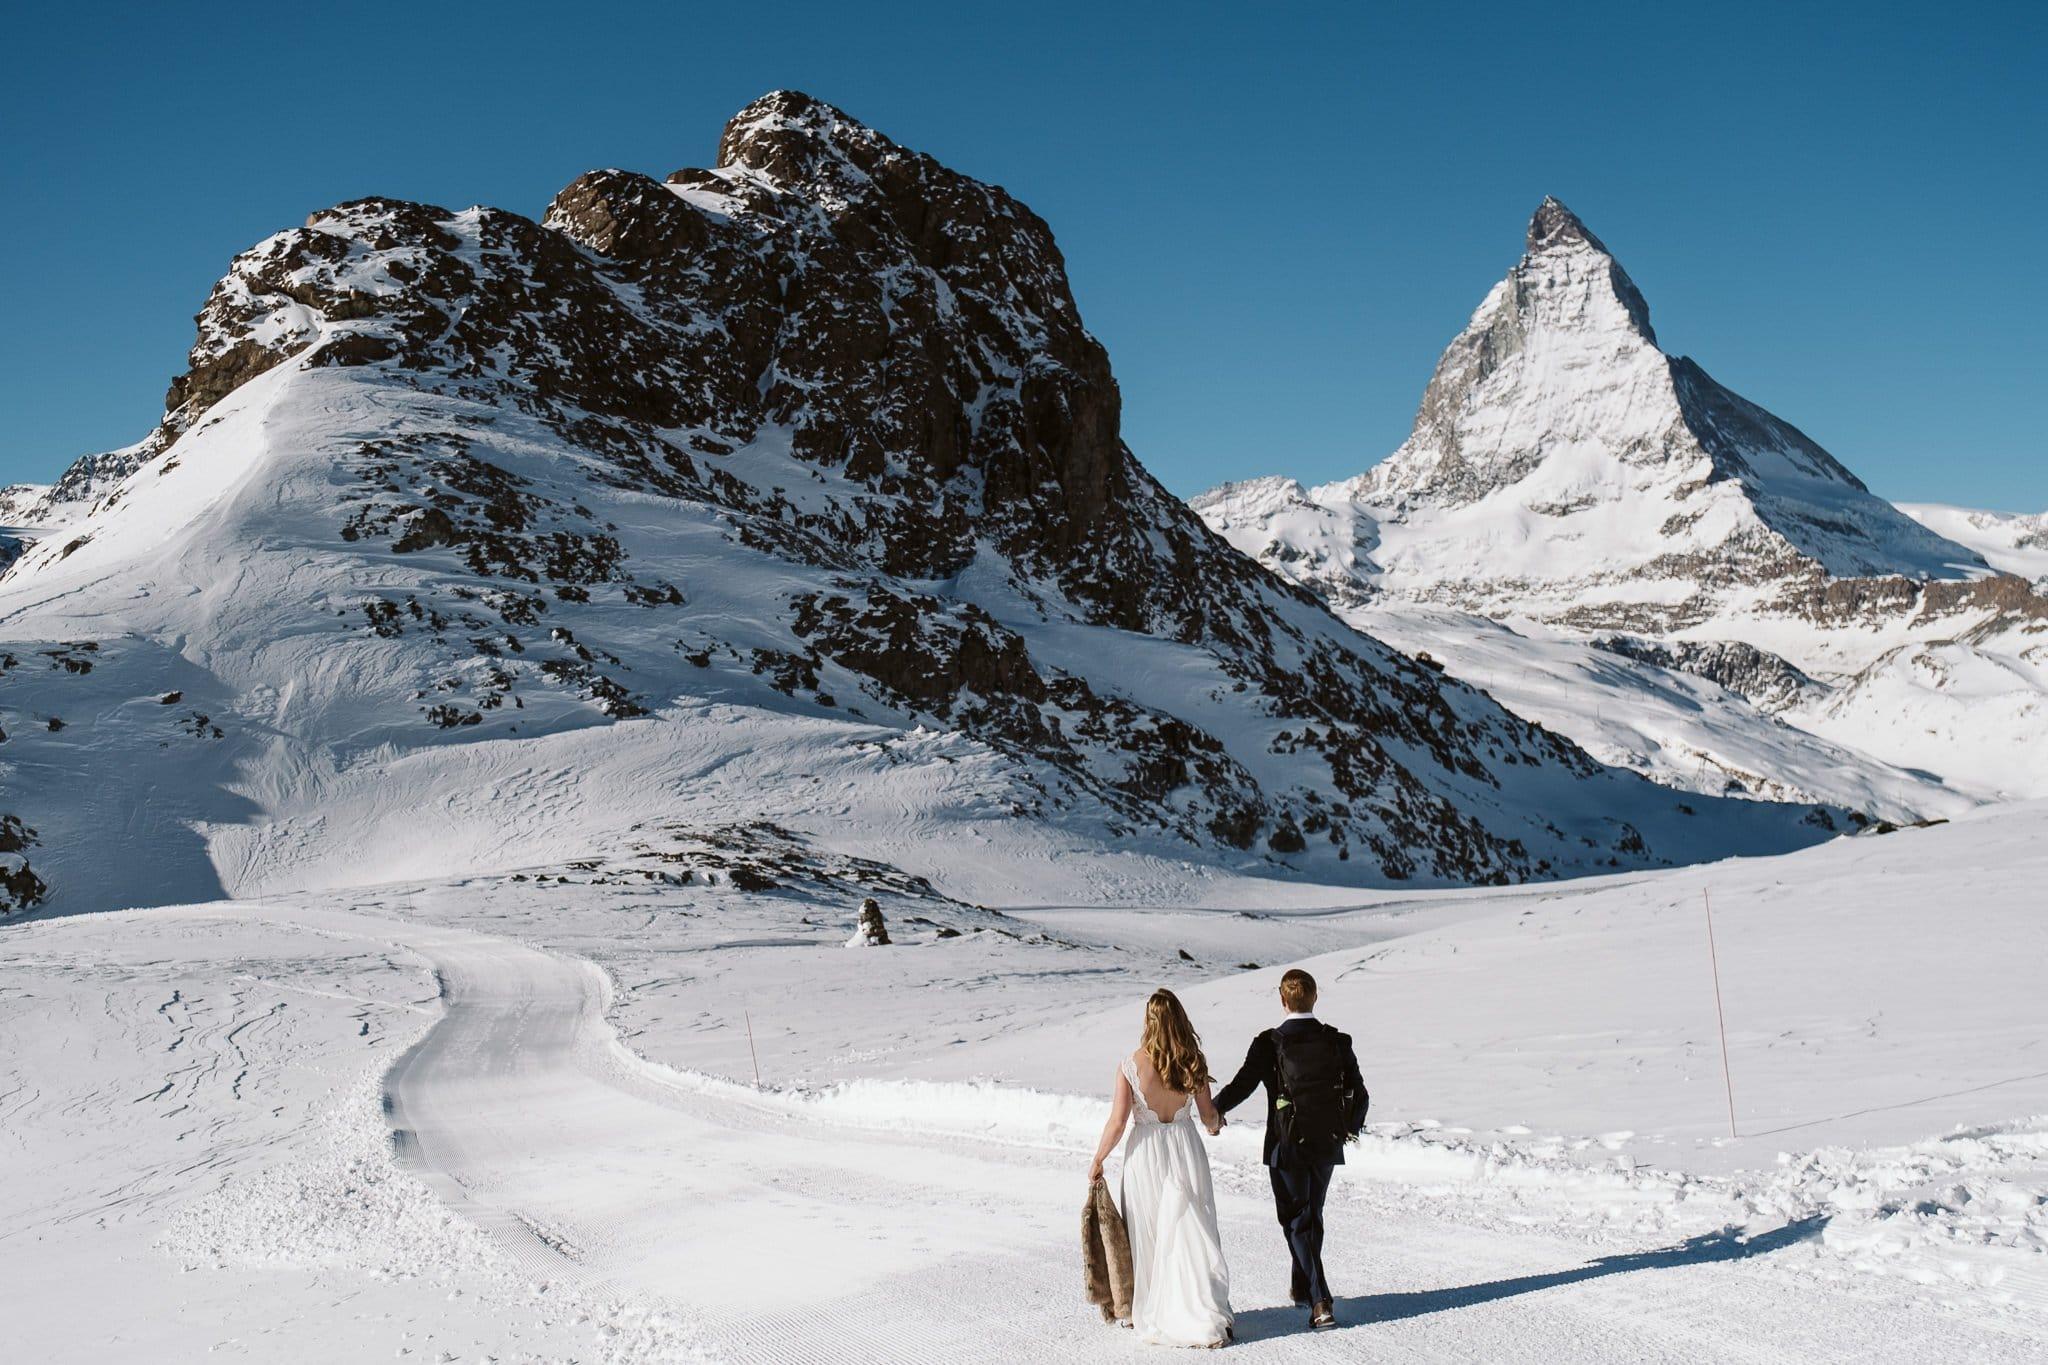 Matterhorn elopement in Switzerland, adventure elopement in winter